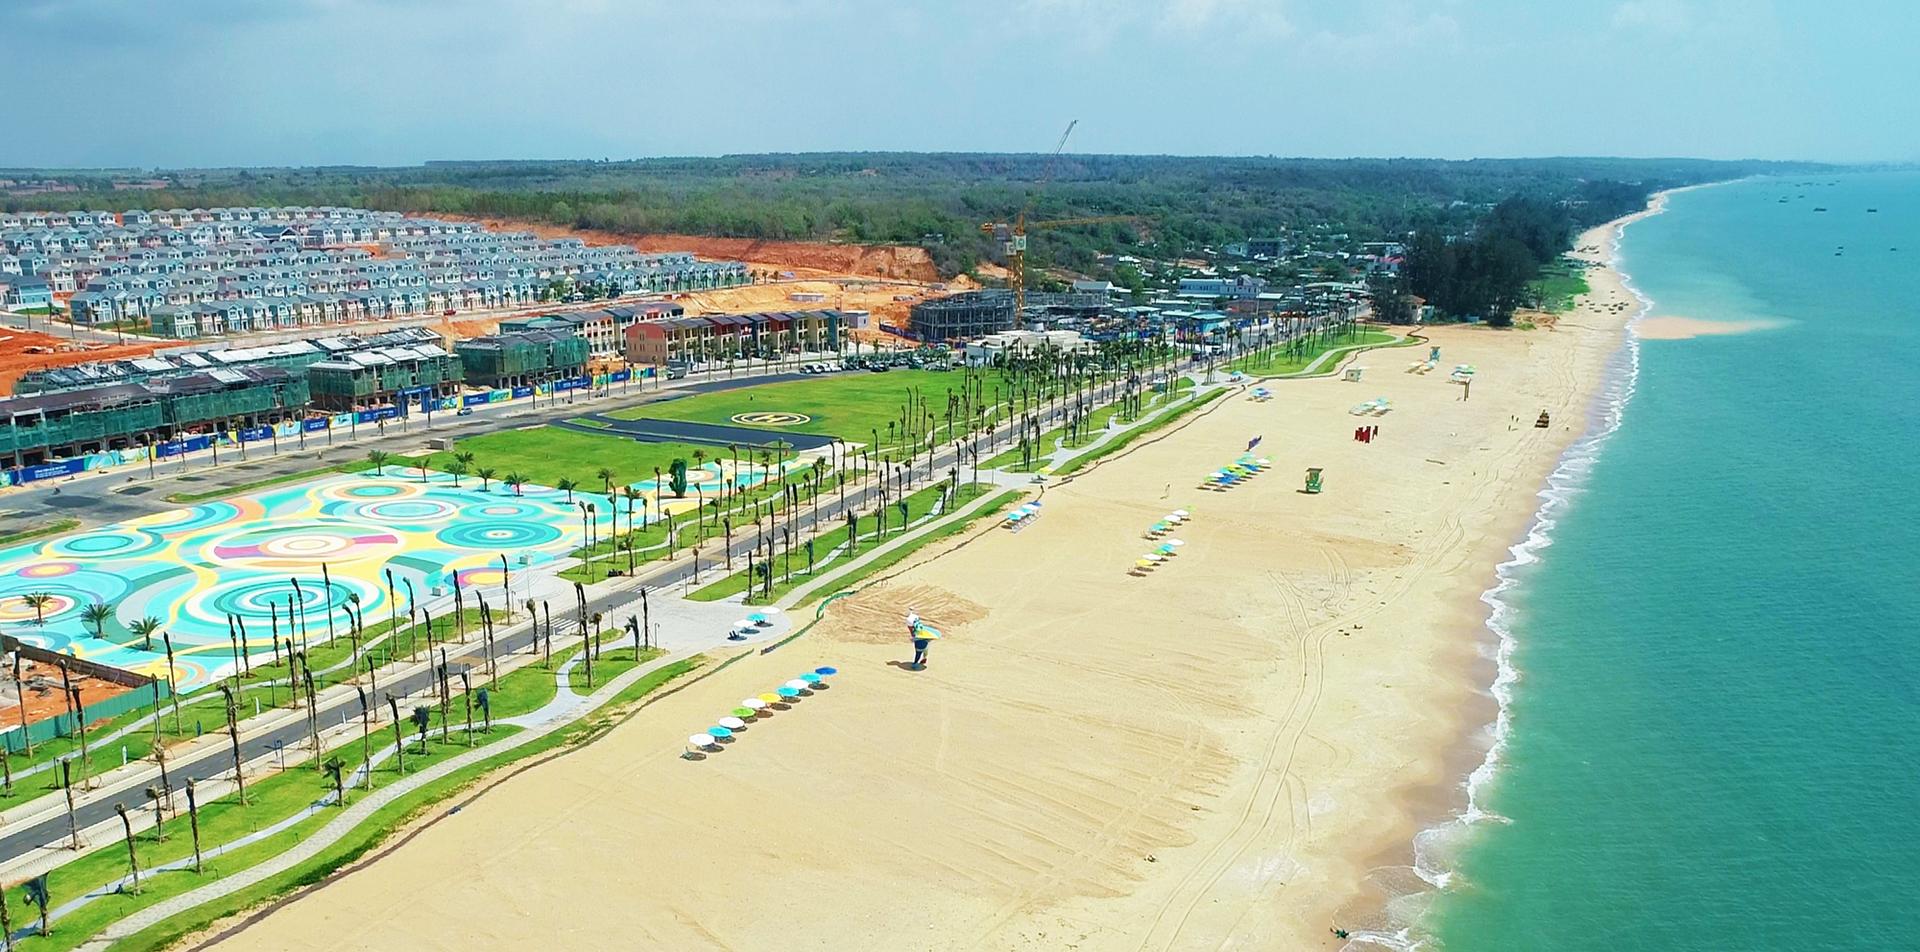 Bất động sản biển Phan Thiet đang tạo sức hút